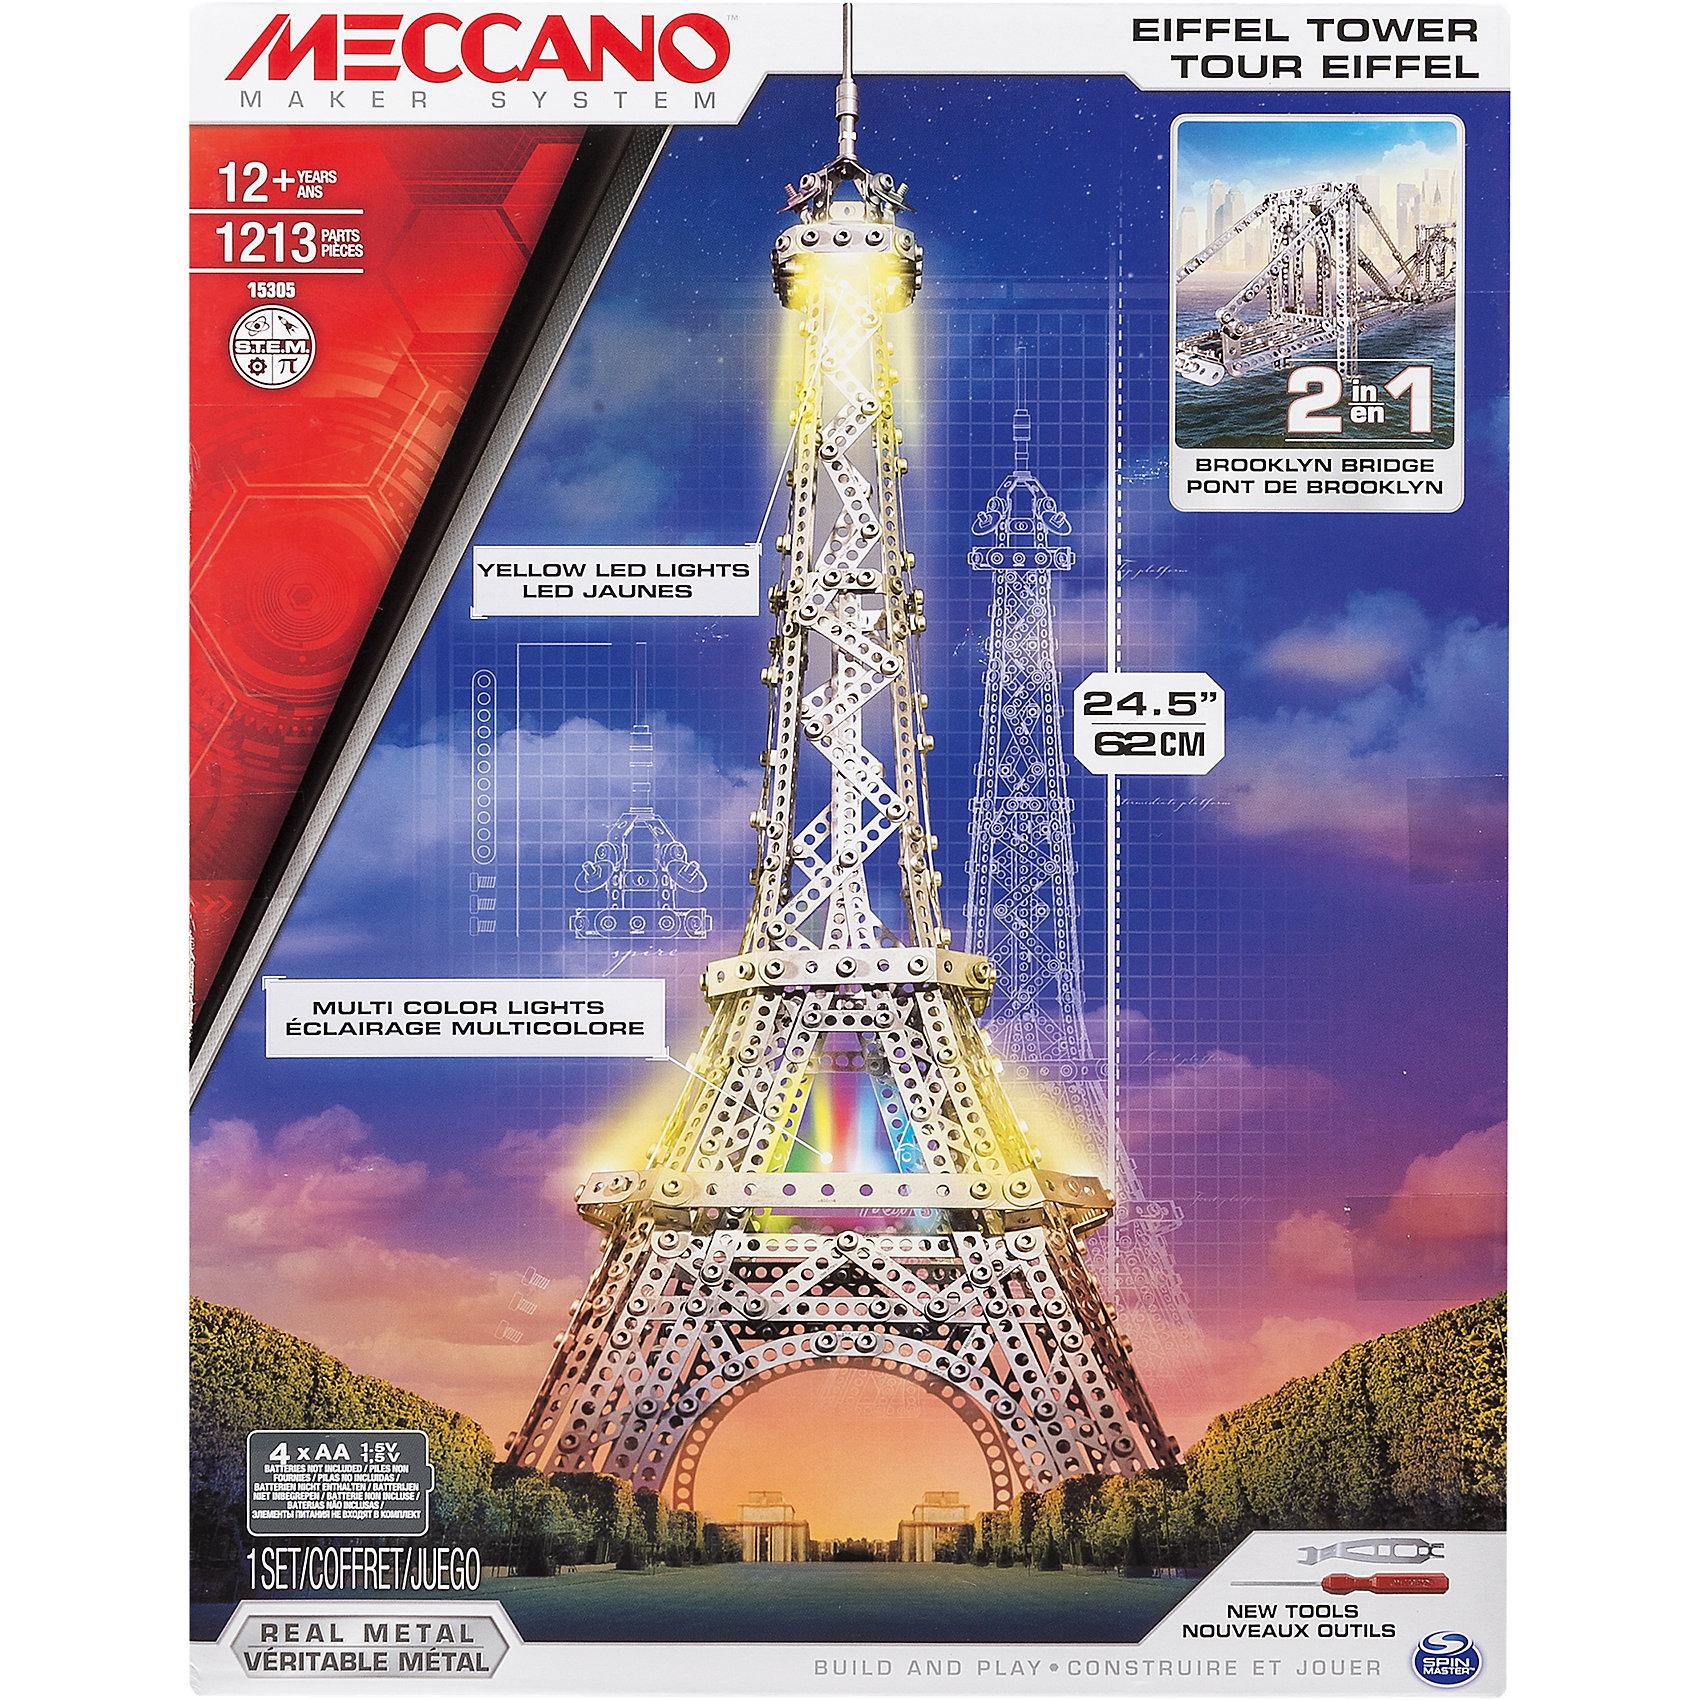 Эйфелева башня (2 модели), MeccanoМеталлические конструкторы<br>Из этого конструкторского набора можно собрать, как основную модель - Эйфелеву башню, так и дополнительную - Бруклинский мост. Конструктор состоит из 1 563 деталей. Башня имеет высокую детализацию, представляя собой уменьшенную копию оригинала. Образ дополняет программируемая подсветка. Конструктор Meccano увлекает не только сборкой, но и последующей эксплуатацией и игрой с ним, благодаря возможности конструировать огромное разнообразие моделей и богатому функционалу. Каждый конструктор имеет набор необходимых инструментов, удобных в использовании, и подробную инструкцию, разработанную таким образом, чтобы он была максимально понятна для детей.<br><br>Дополнительная информация:<br><br>- Материал: металл.<br>- Размер упаковки: 30х40х7 см.<br>- Размер Эйфелевой башни: 19x19x62 см.<br>- Размер моста: 28x10x15 см.<br>- Количество деталей: 1563.<br>- Элемент питания: 4 АА батарейки.<br><br>Эйфелева башня (2 модели), Meccano (Меккано), можно купить в нашем магазине.<br><br>Ширина мм: 223<br>Глубина мм: 211<br>Высота мм: 85<br>Вес г: 146<br>Возраст от месяцев: 120<br>Возраст до месяцев: 192<br>Пол: Мужской<br>Возраст: Детский<br>SKU: 4278449